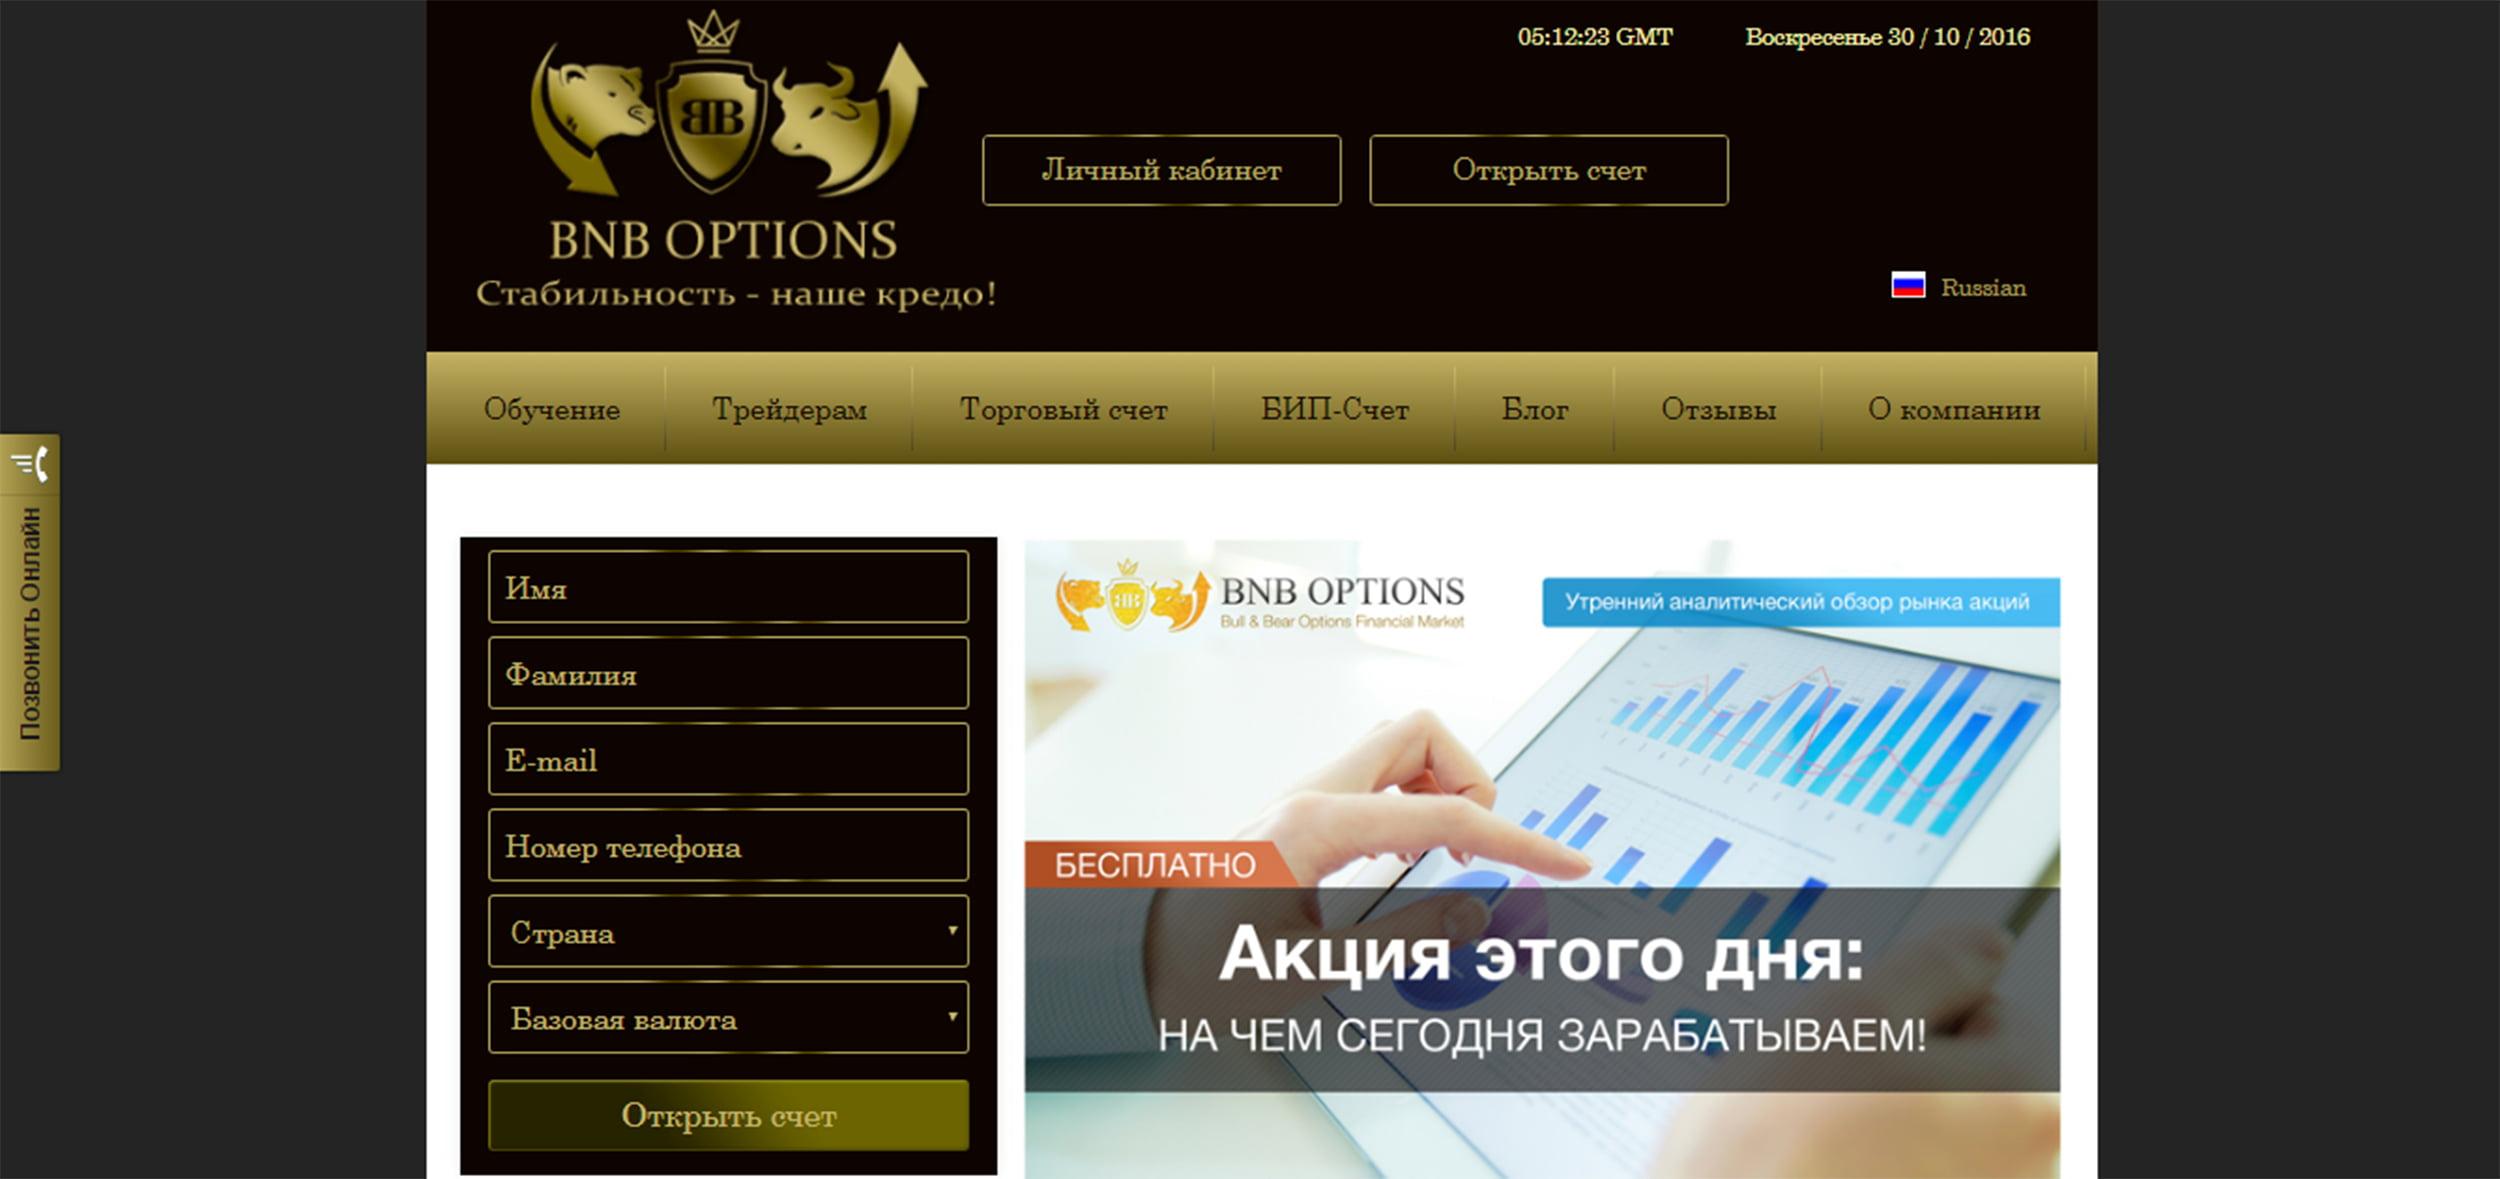 Обзор BNBoptions.com. Развод или нет? Отзывы трейдеров